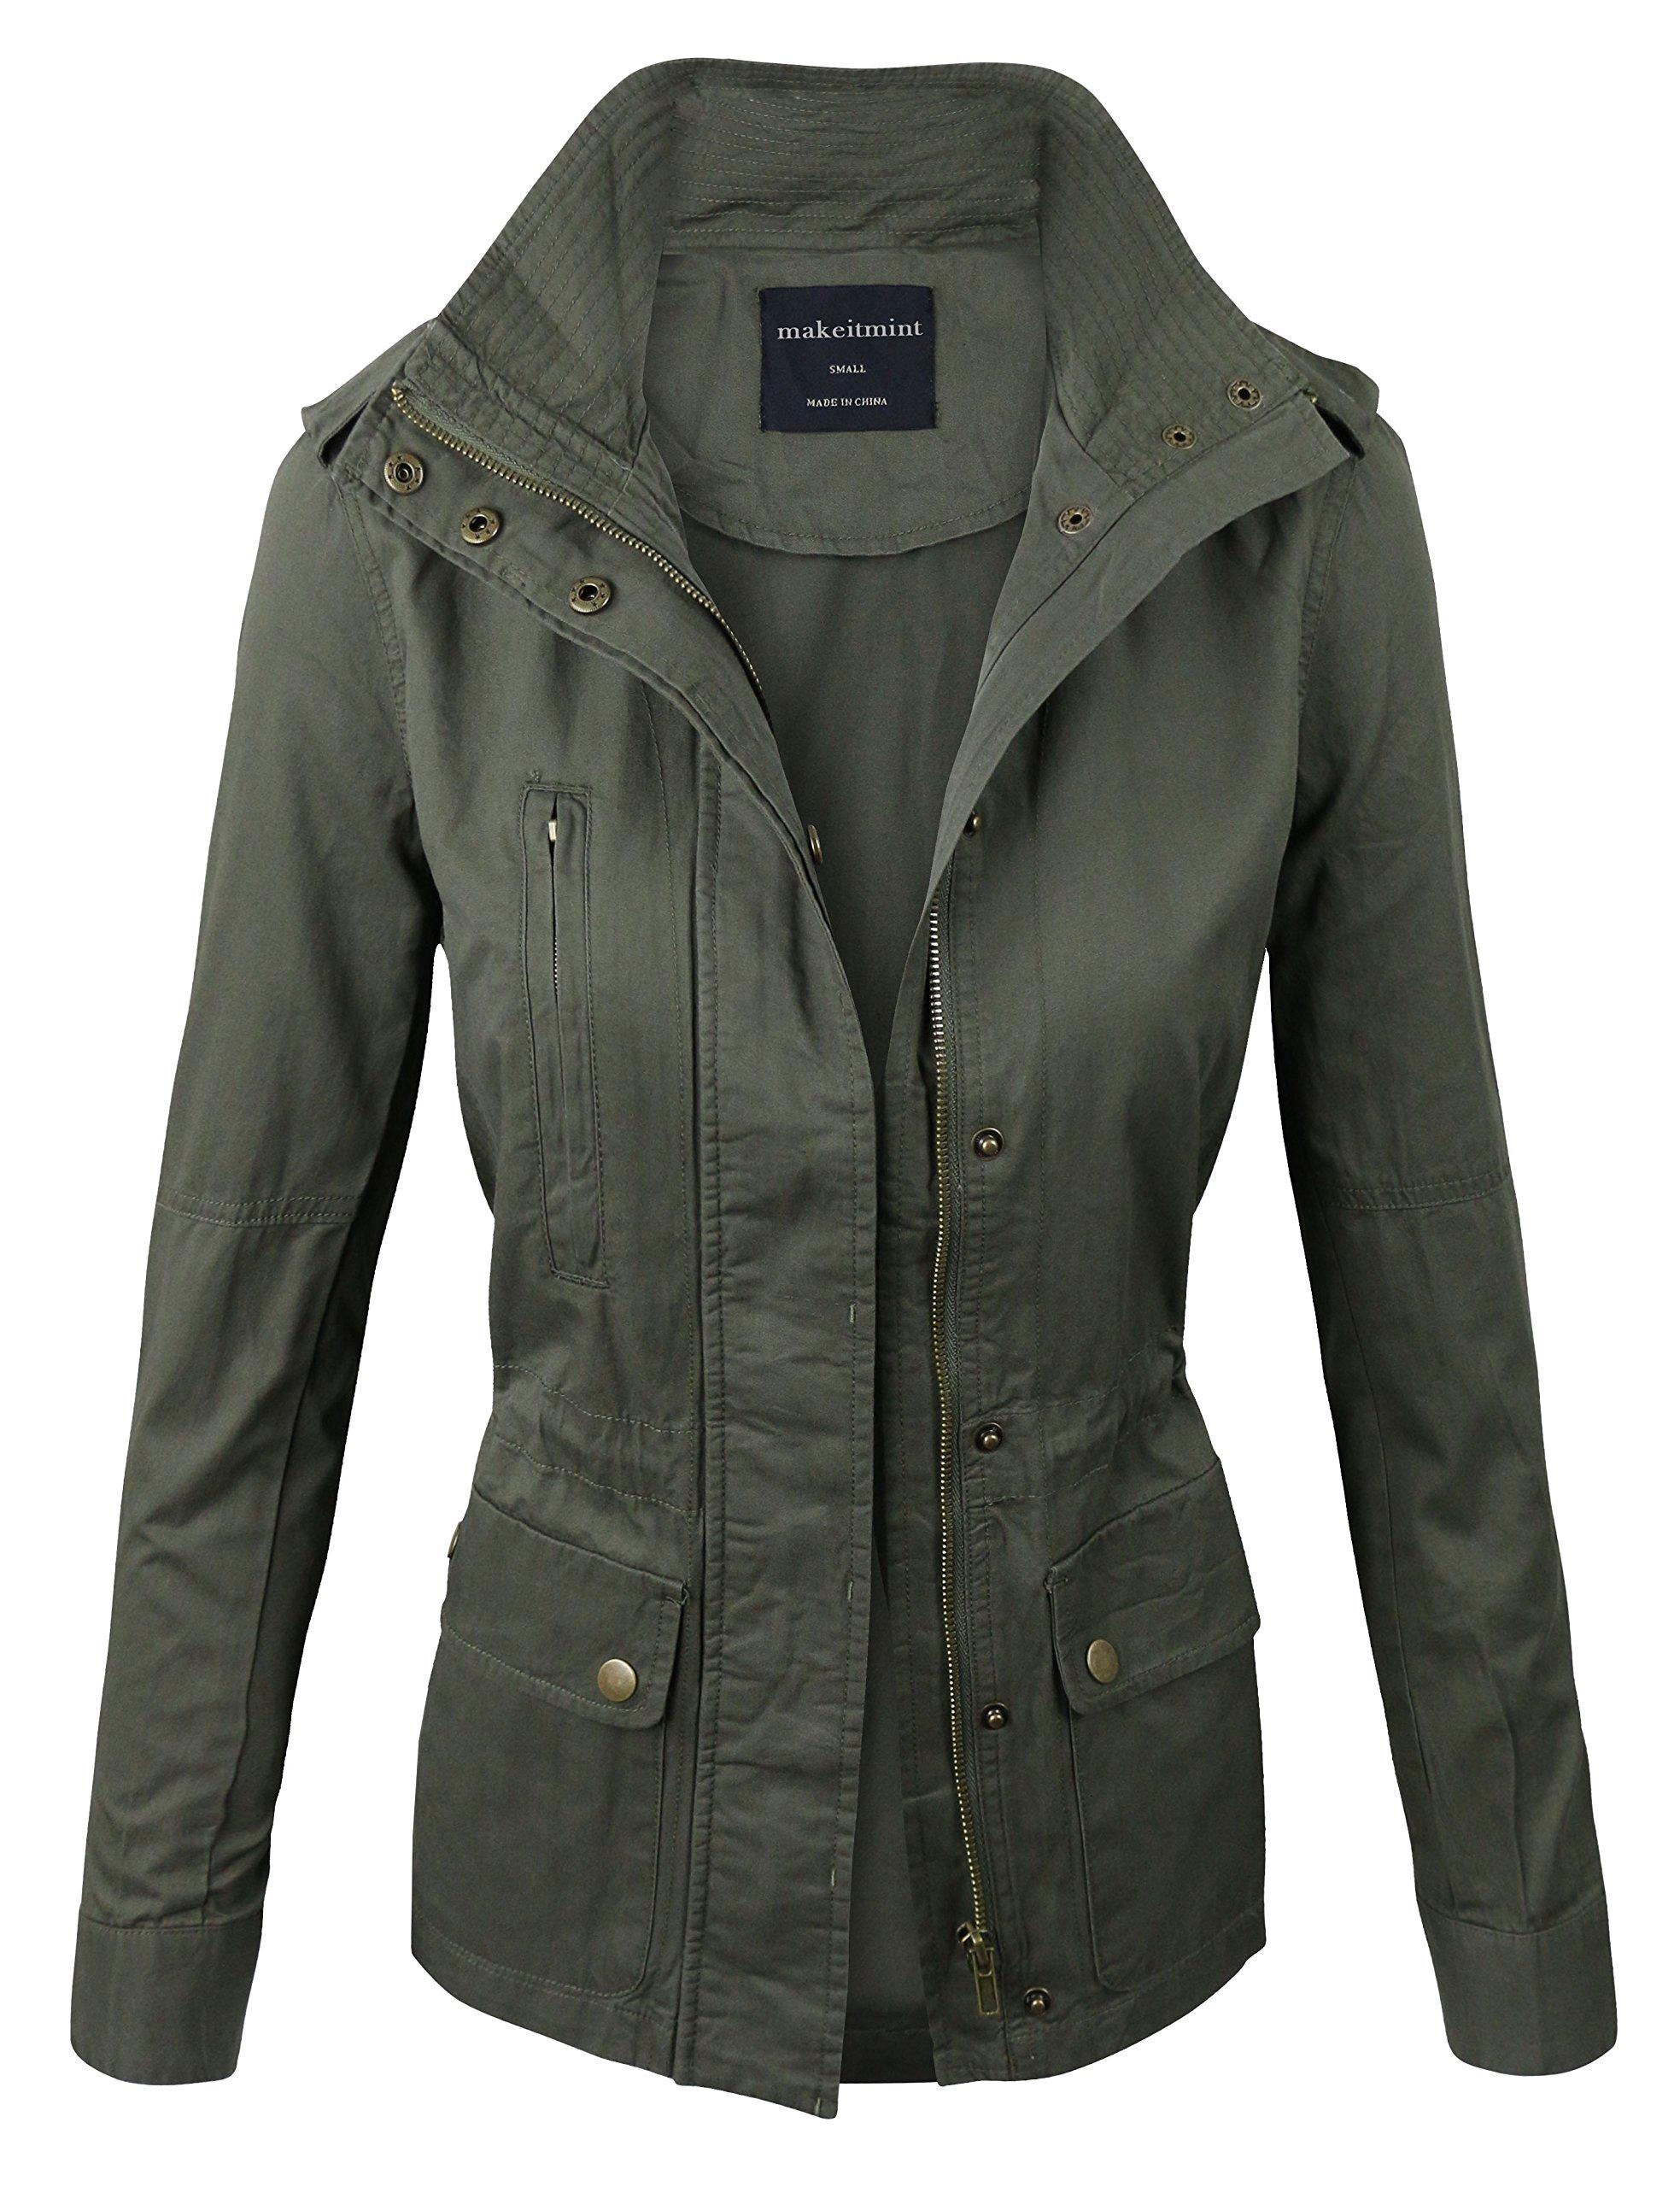 makeitmint Women's Zip Up Military Anorak Jacket w/Pockets YJZ0005-OLIVE-1XL by makeitmint